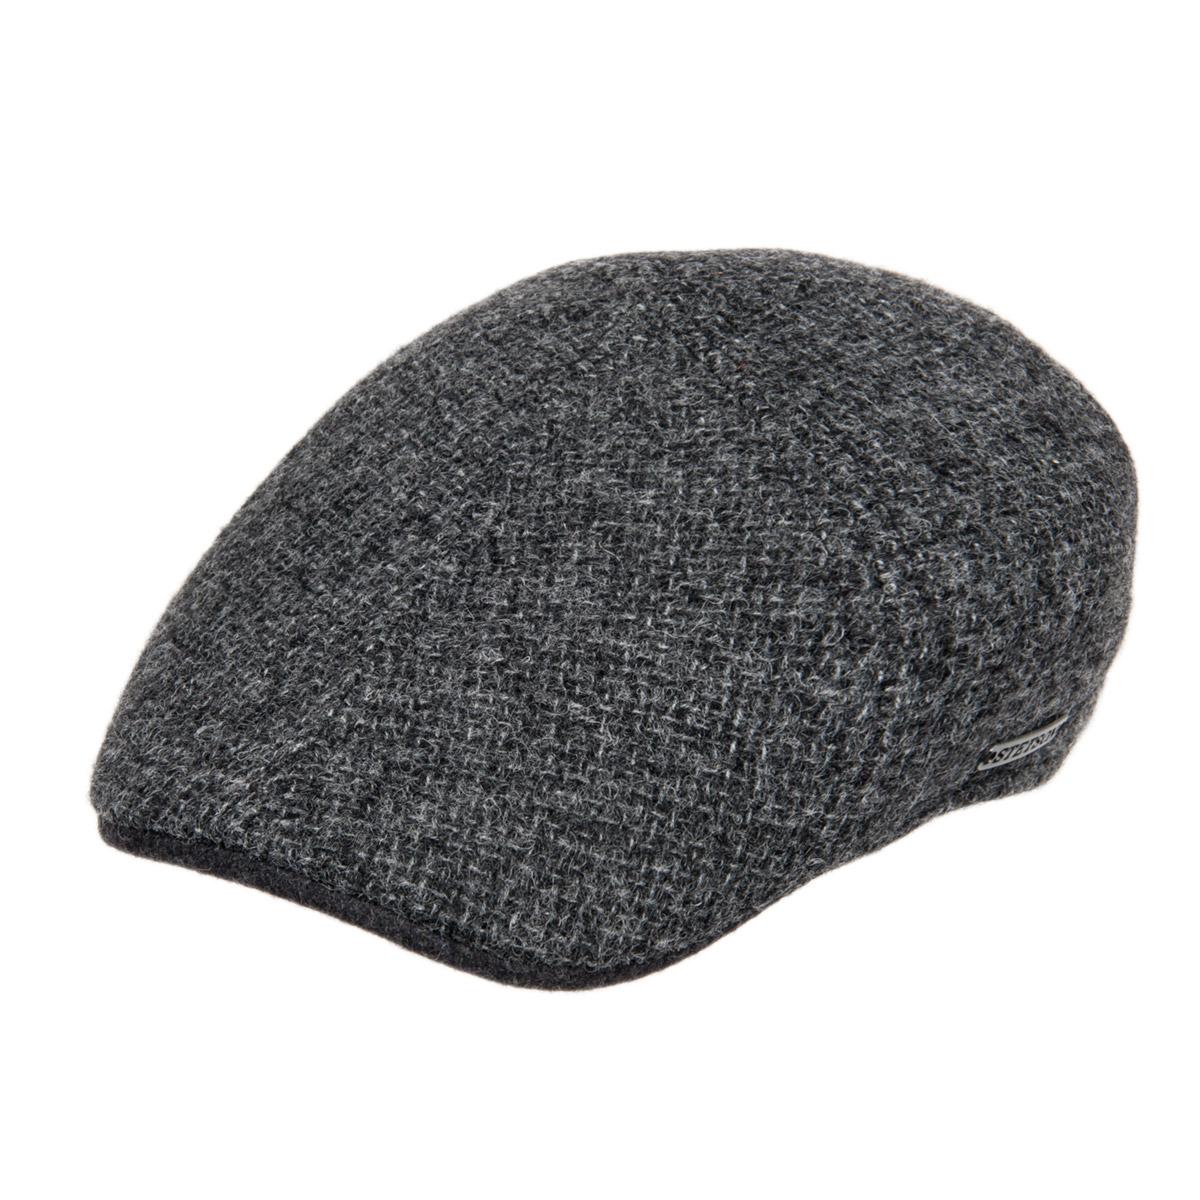 flache Mütze Texas Wool Classic von STETSON